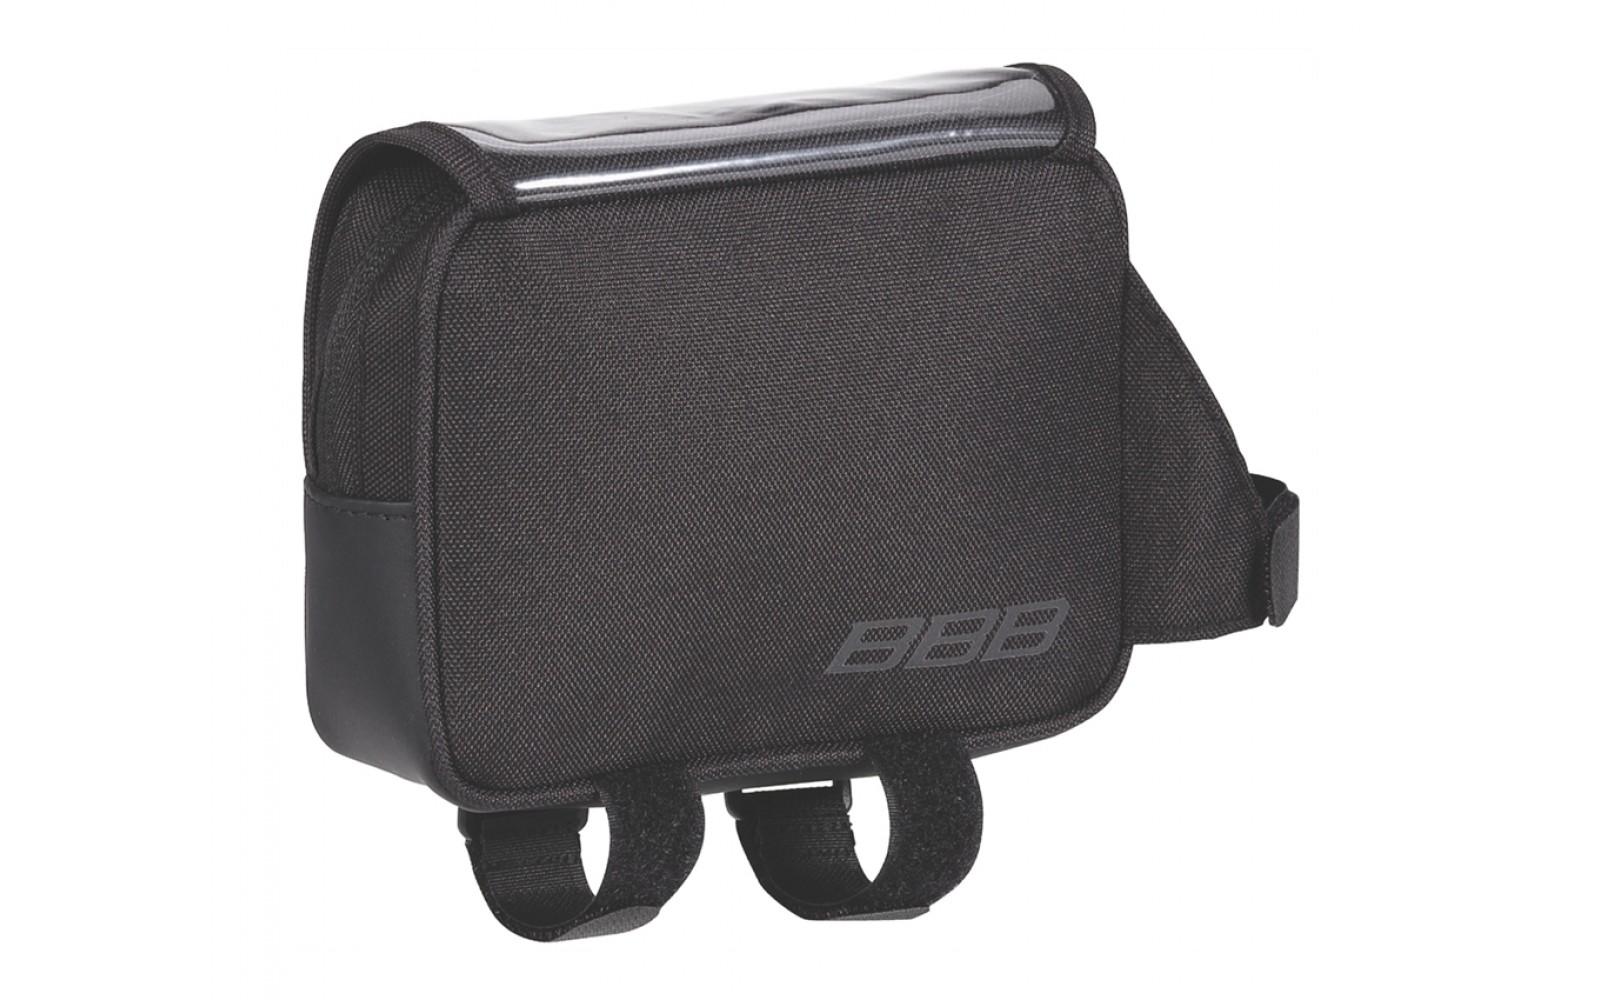 Сумка для велосипеда под раму BBB BSB-16 TopPack (2017)